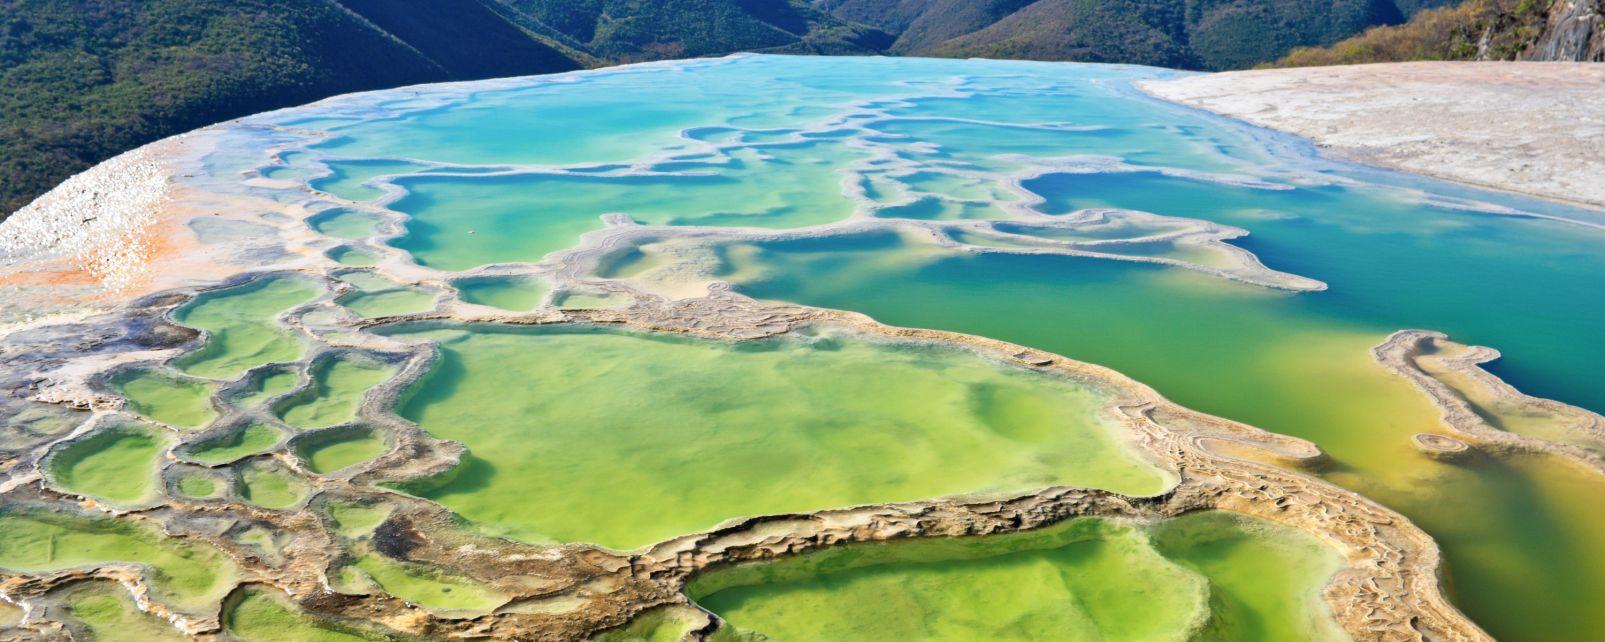 Los manantiales naturales, Los paisajes, México continental